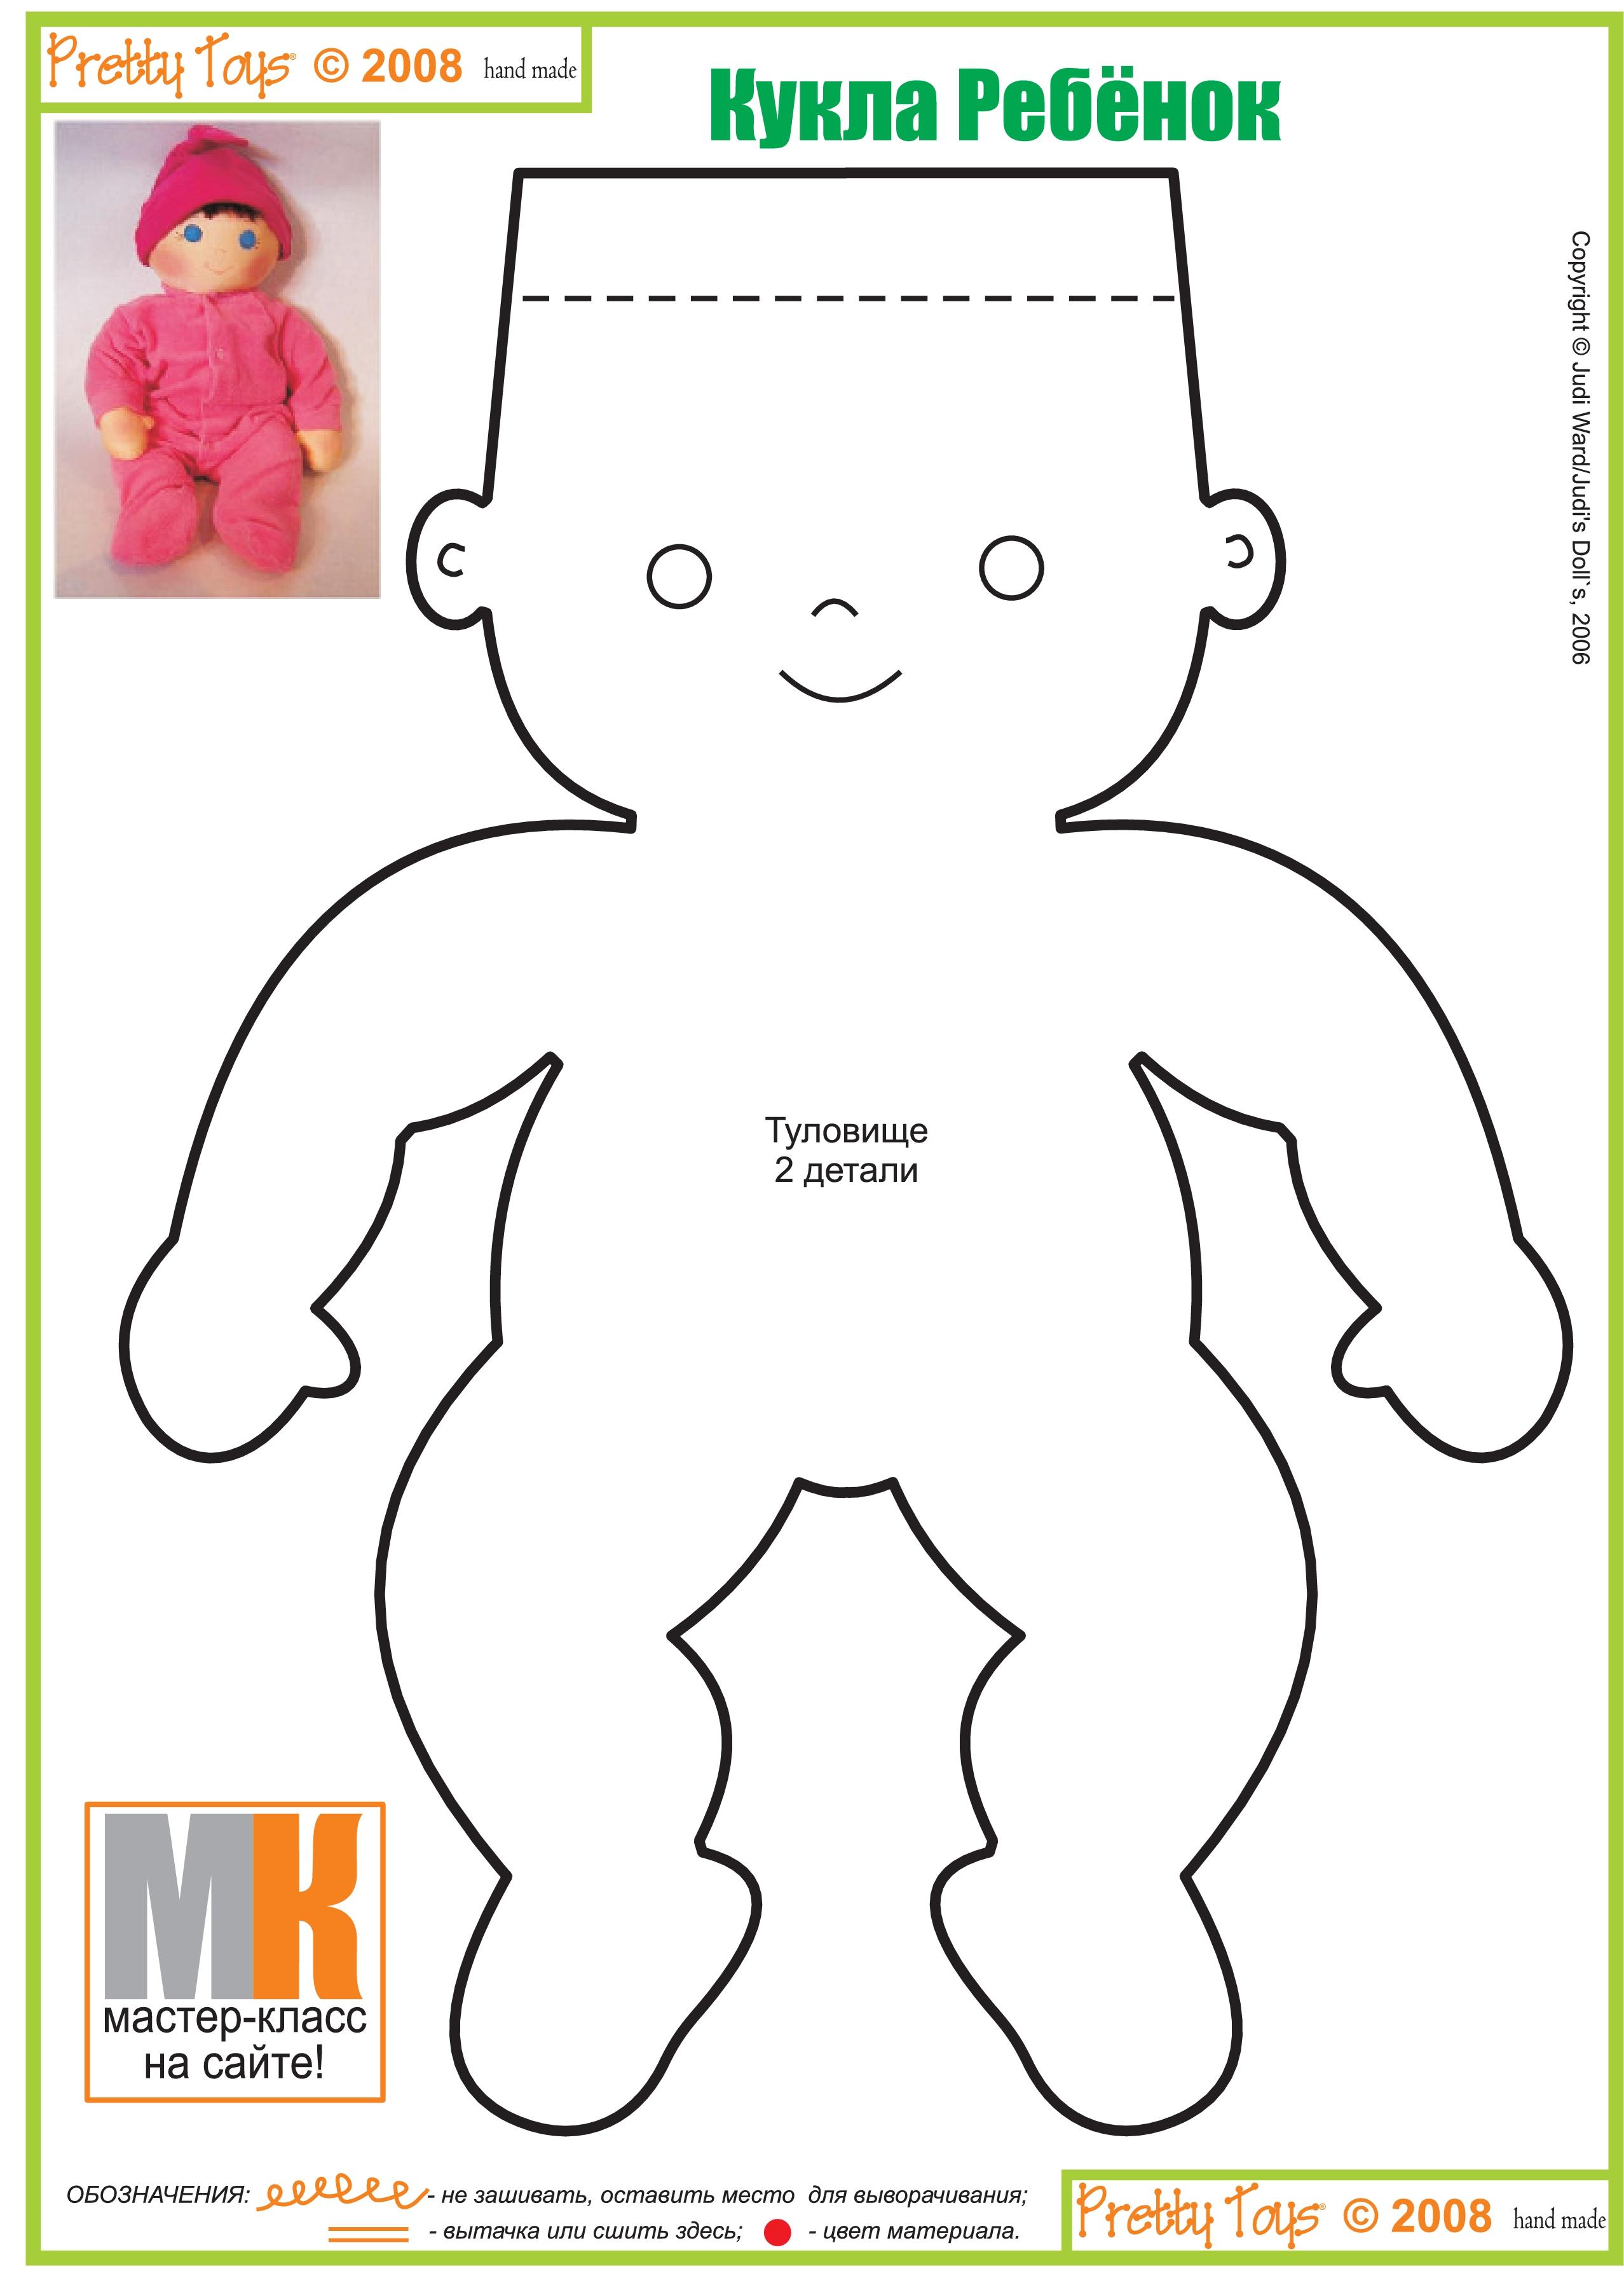 Кукла для начинающих из ткани